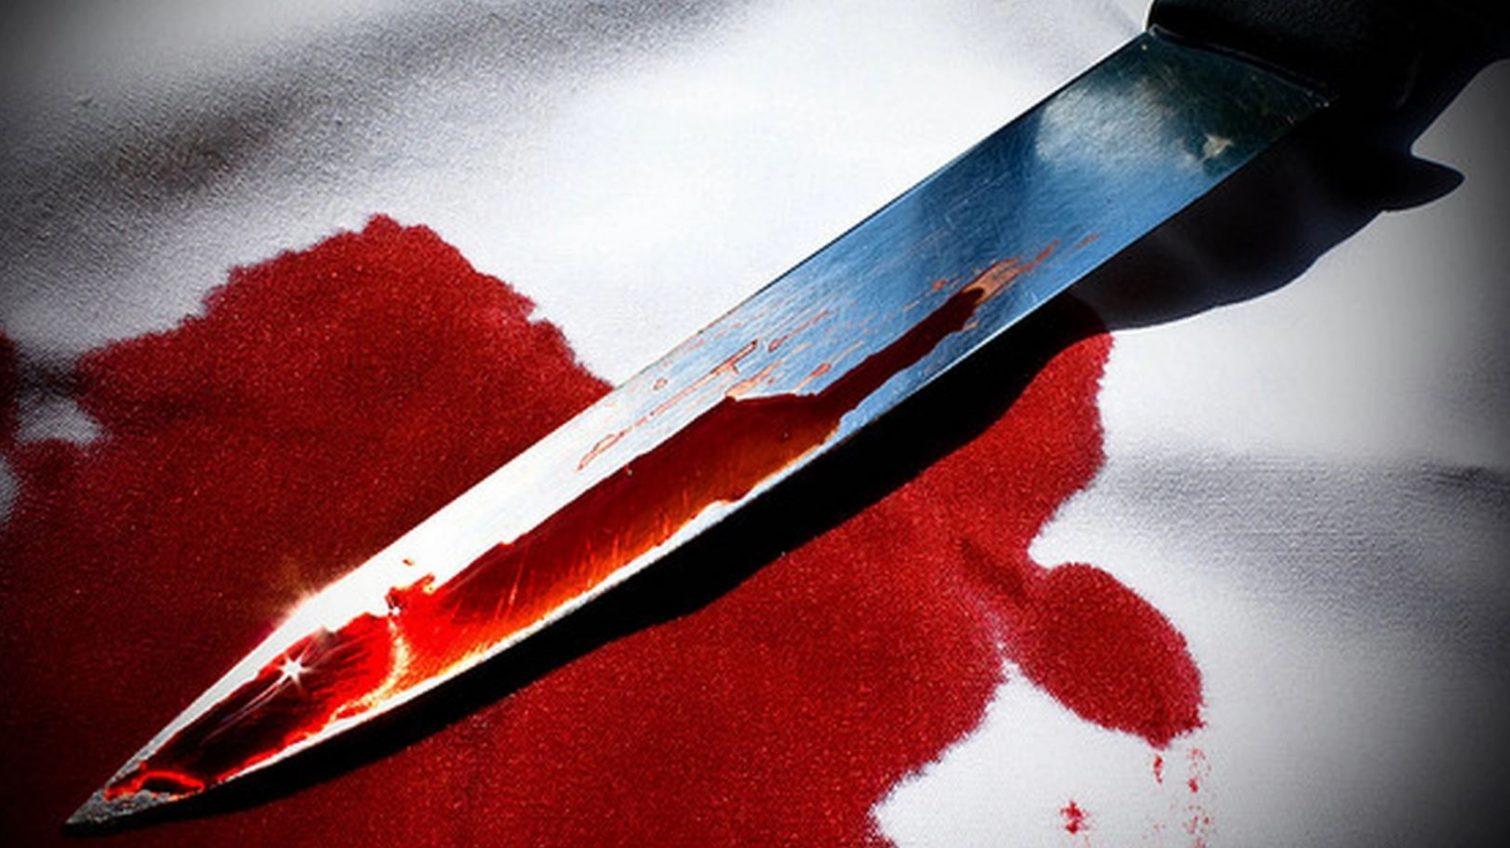 Странная история в Тарутино: подростка с ножевыми ранениями нашли в его комнате, он погиб «фото»